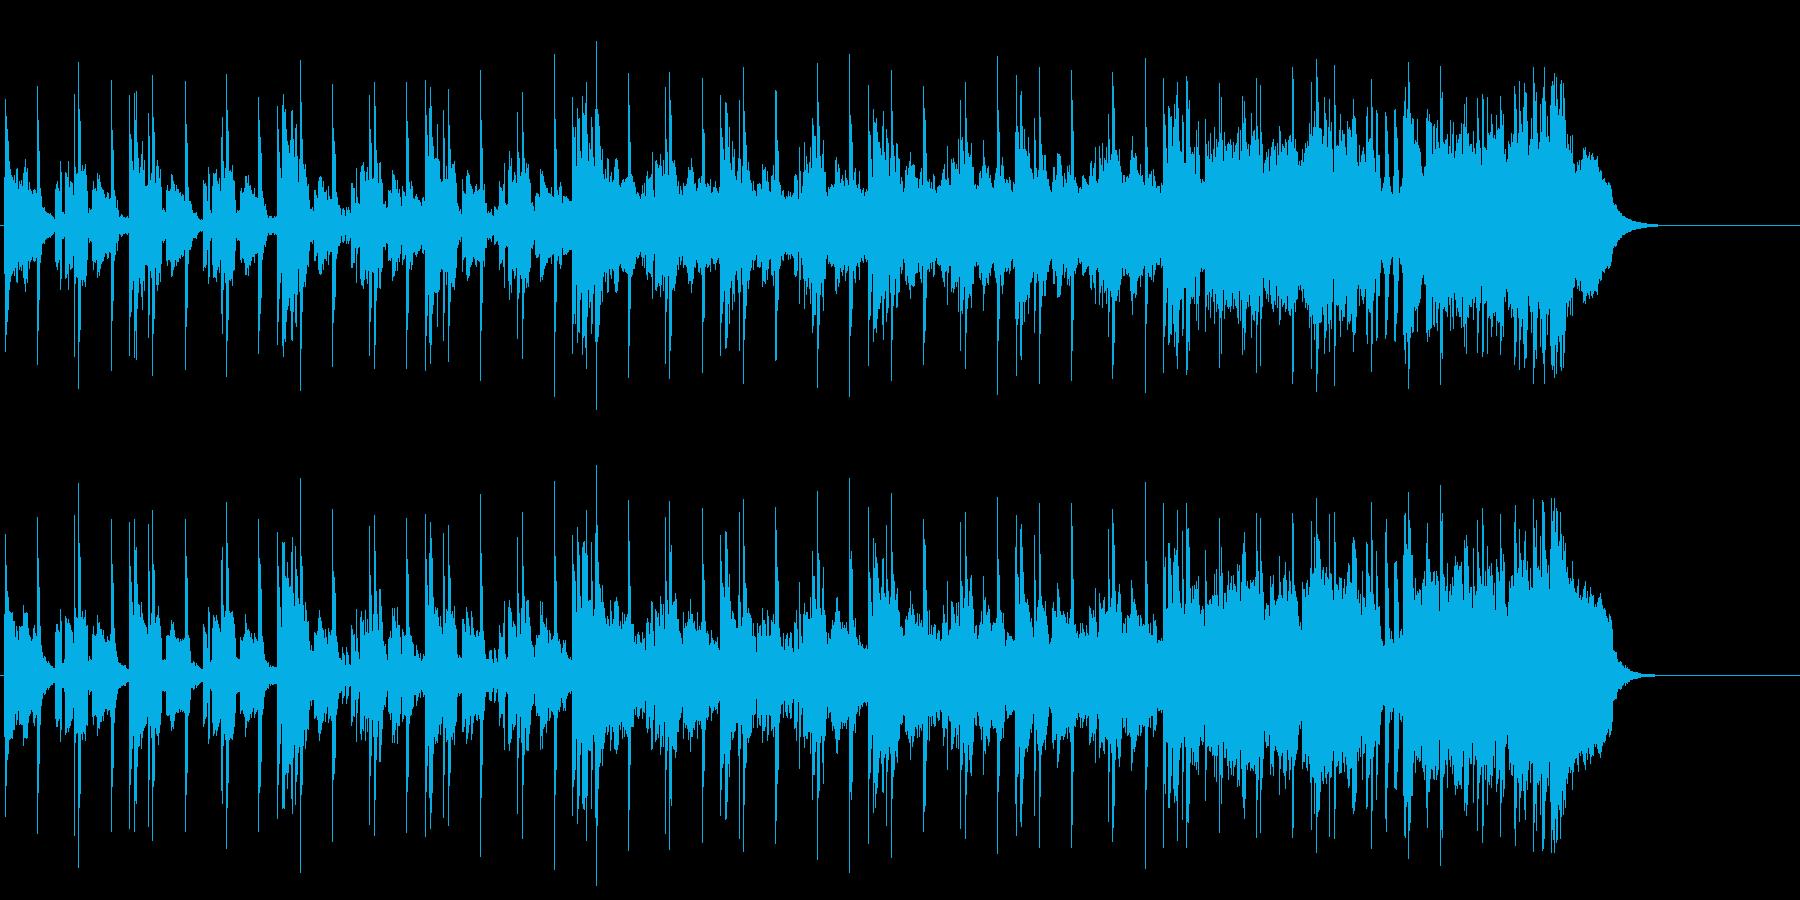 問題を科学的に検証するマイナーポップの再生済みの波形